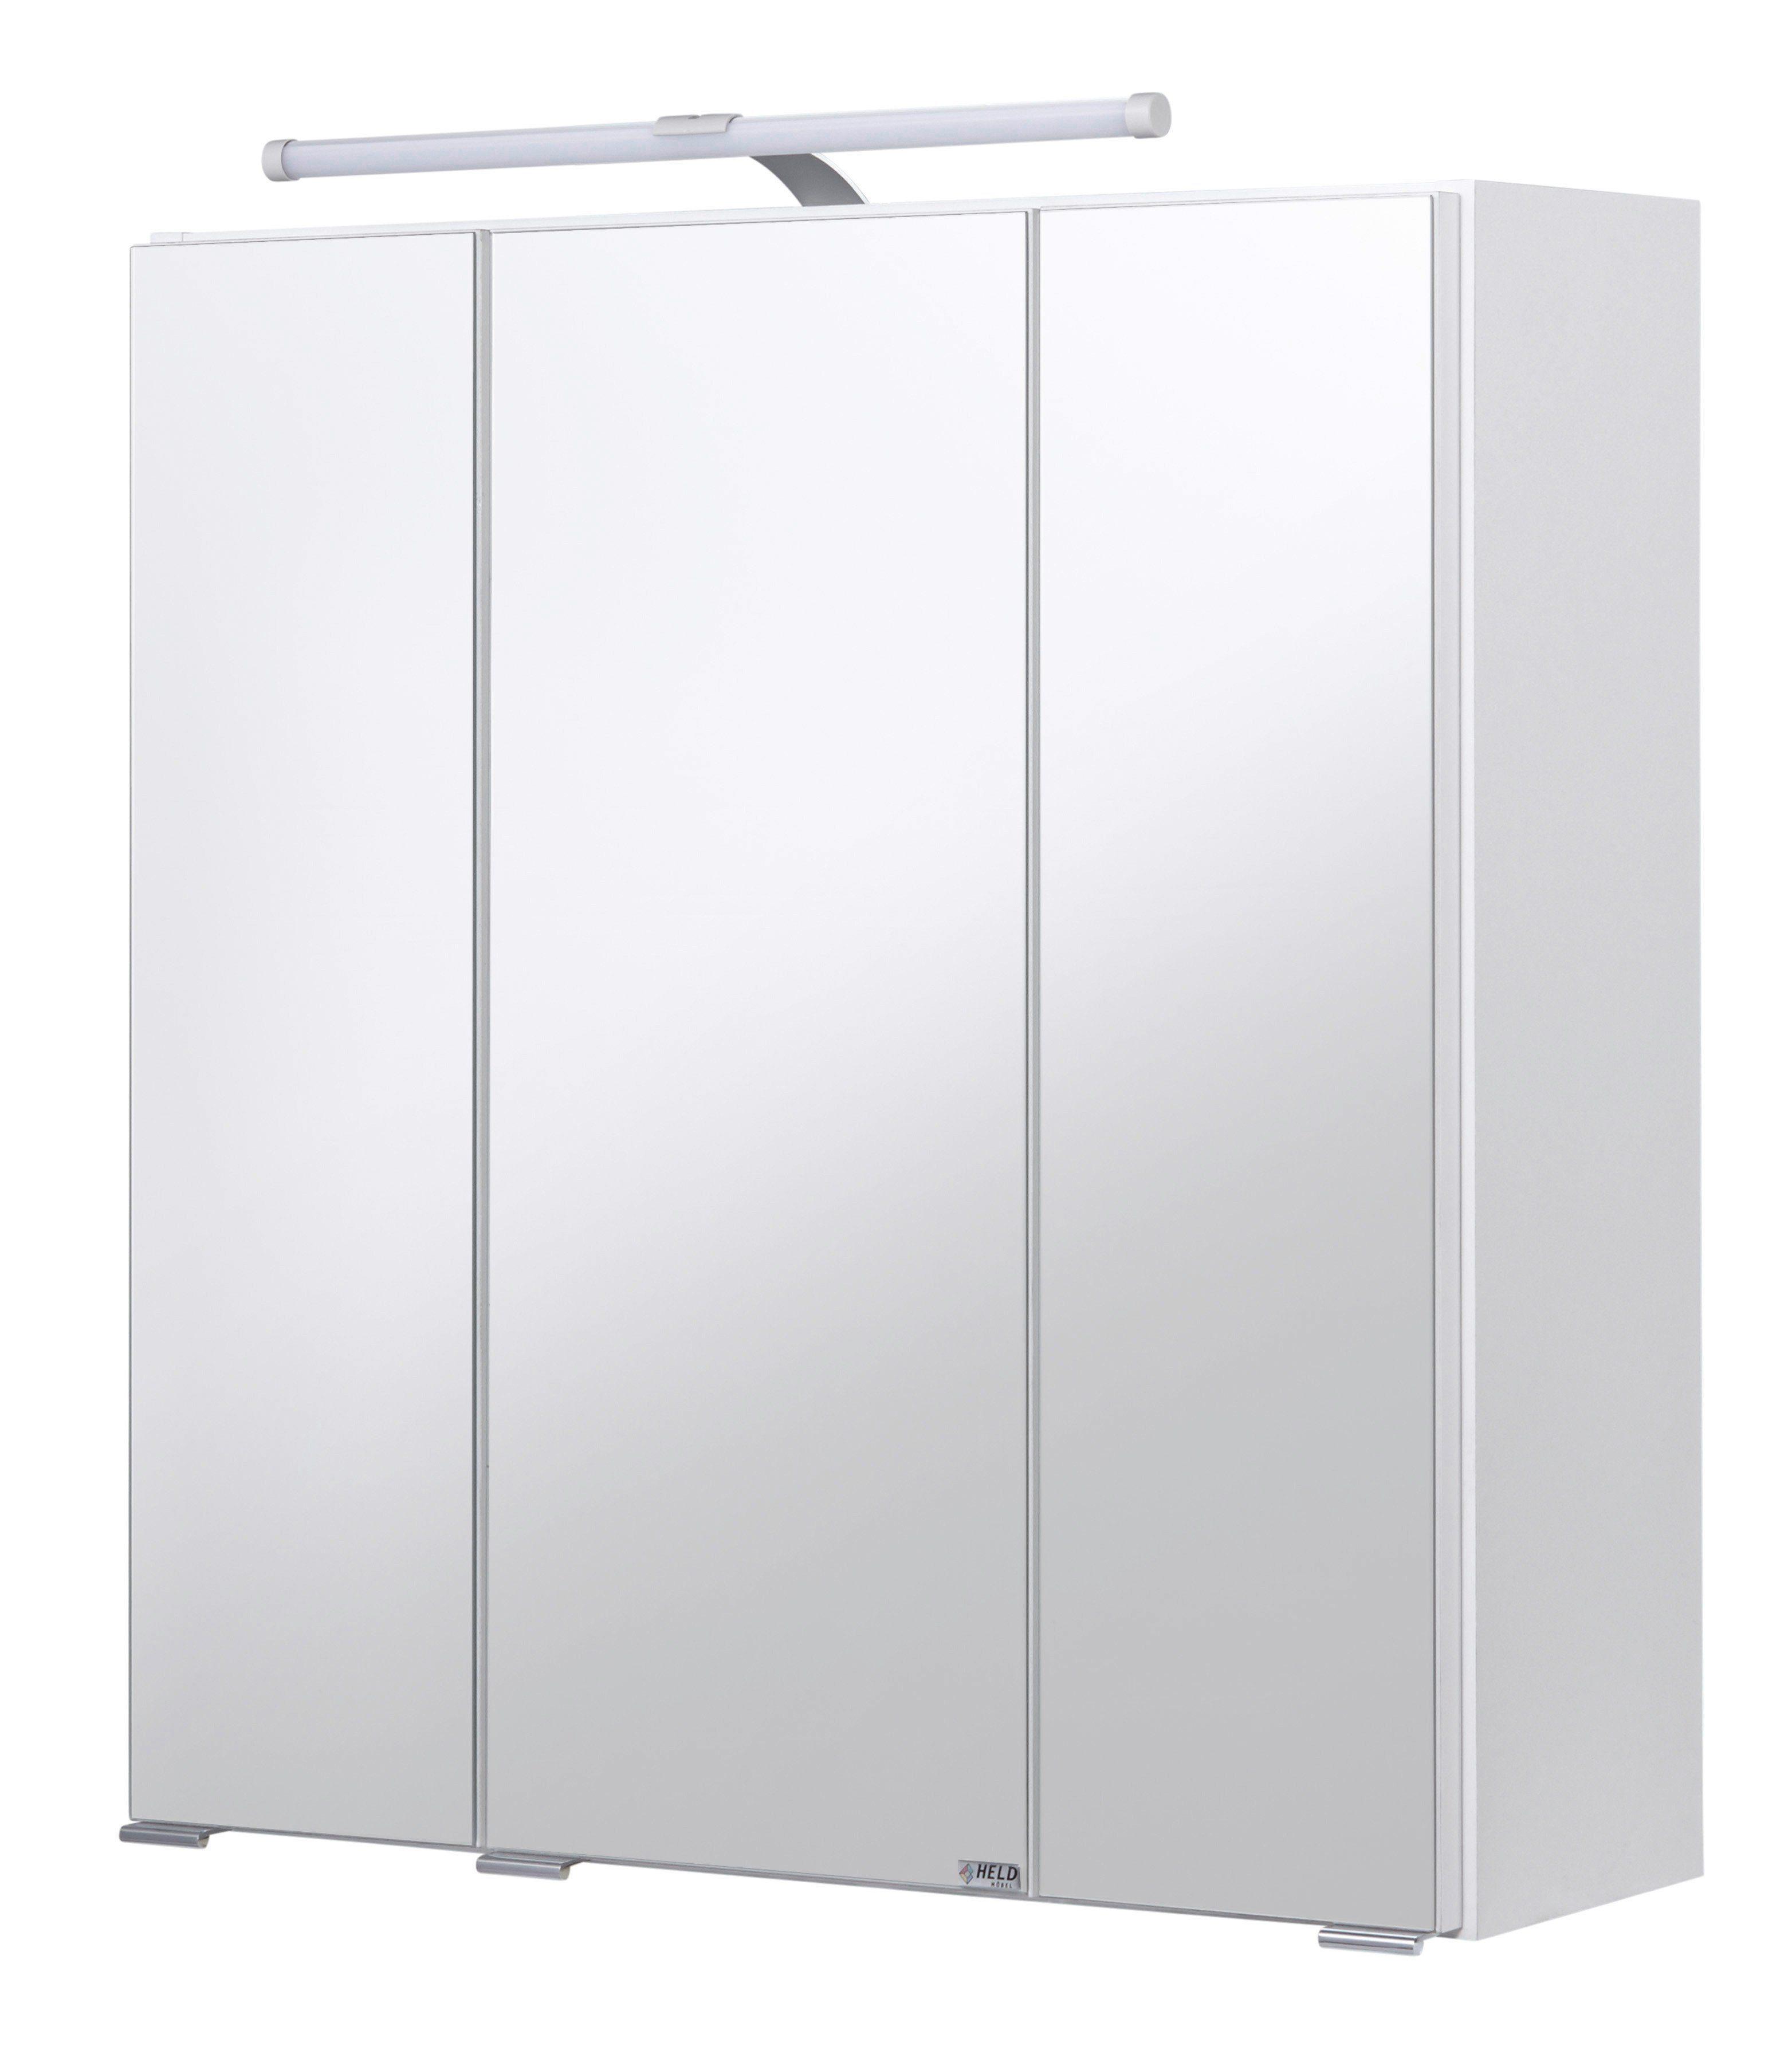 Bevorzugt Wäschekorb Real   Spiegelschrank Ohne Beleuchtung. Spiegelschrank FN38